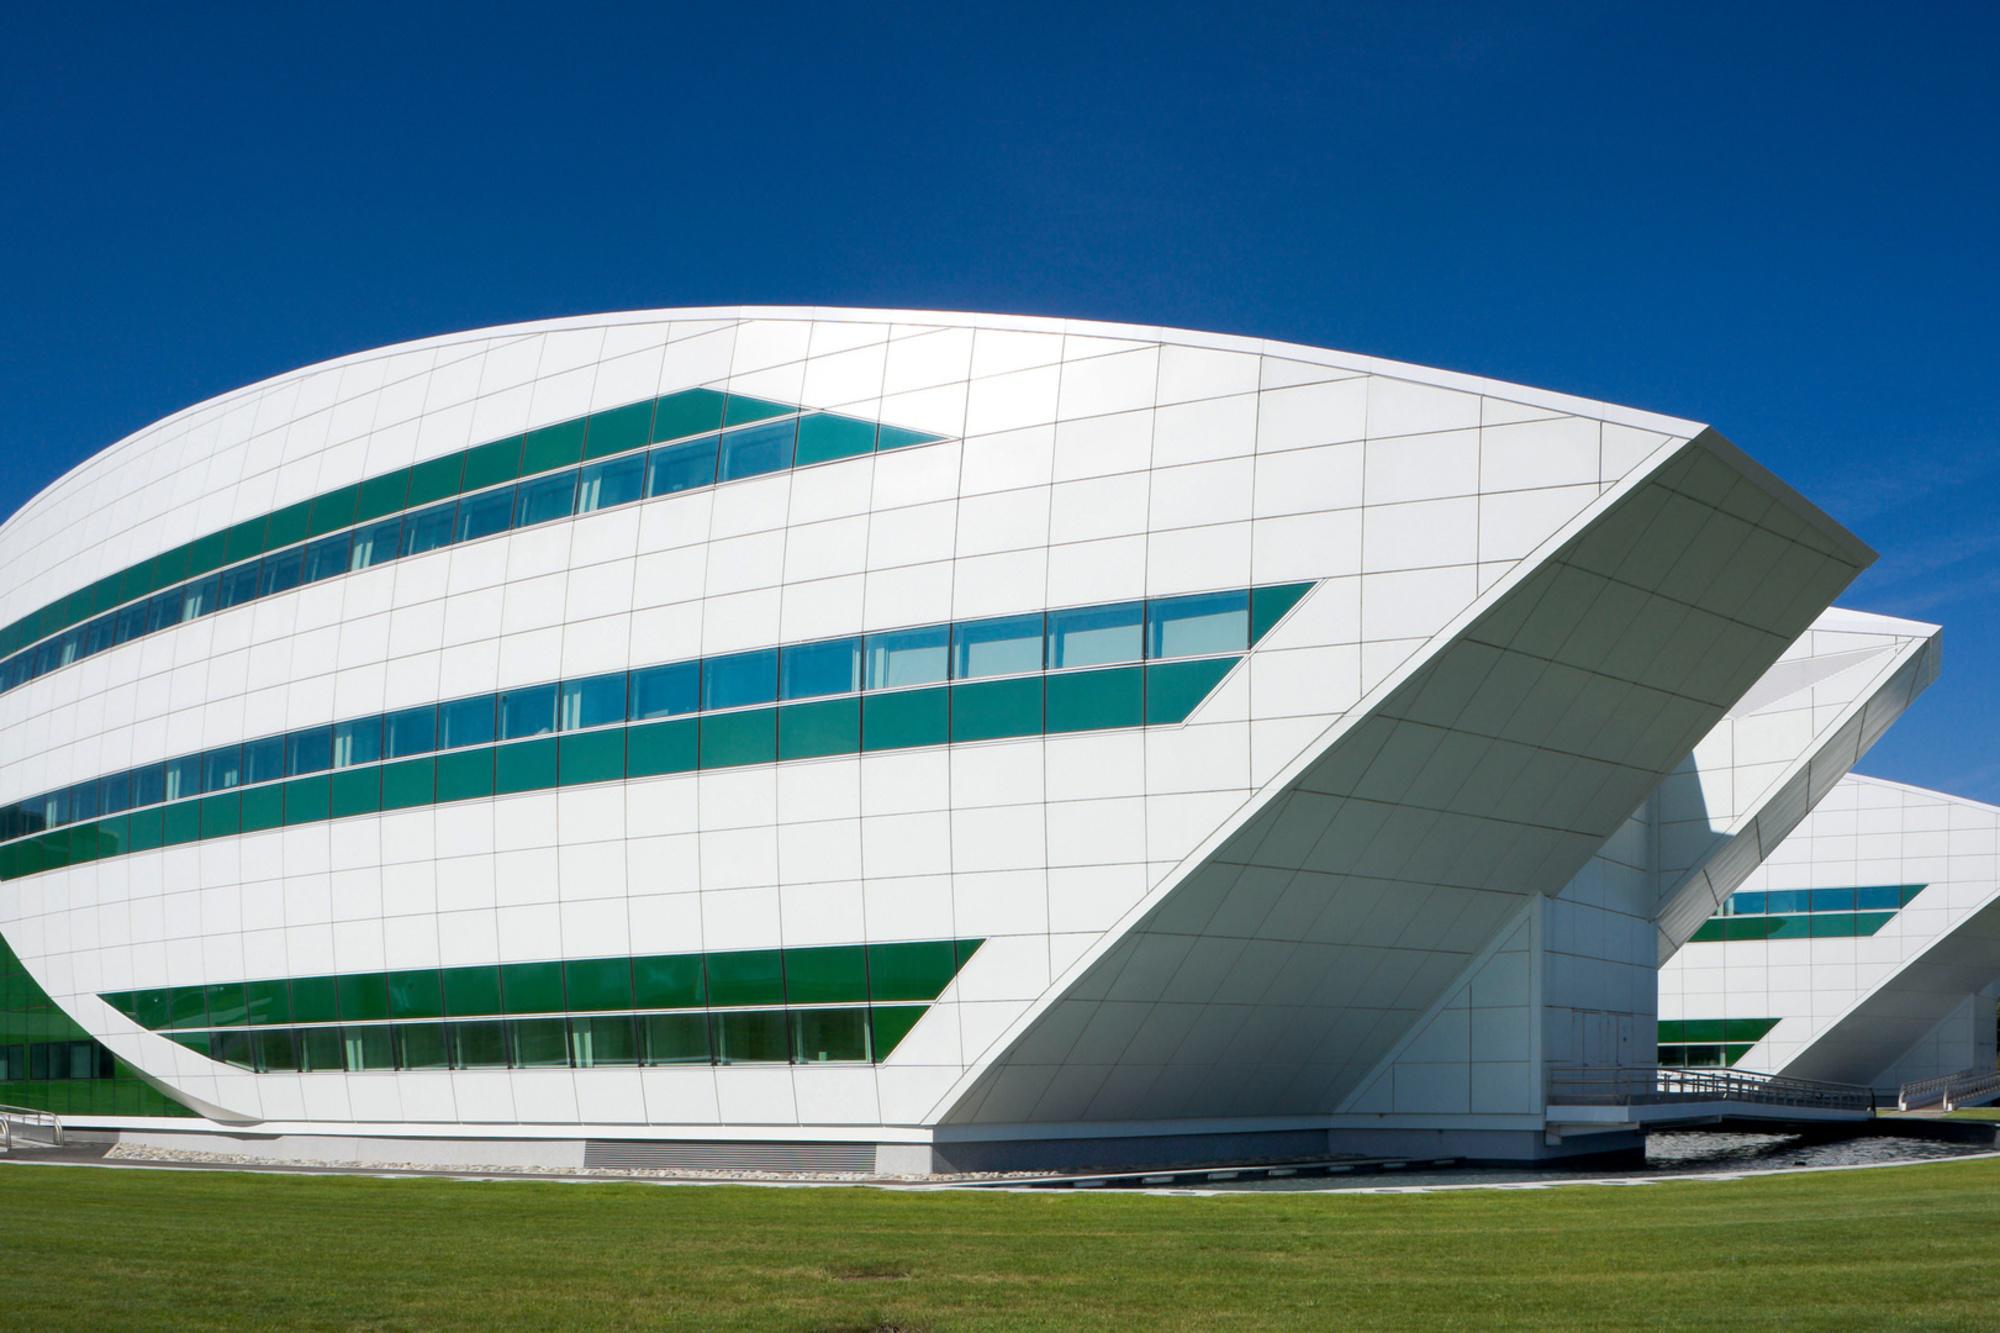 Centre de recherches Pierre Fabre, à Toulouse, inspiré des mythiques vaisseaux spatiaux de Star Wars, Getty Images